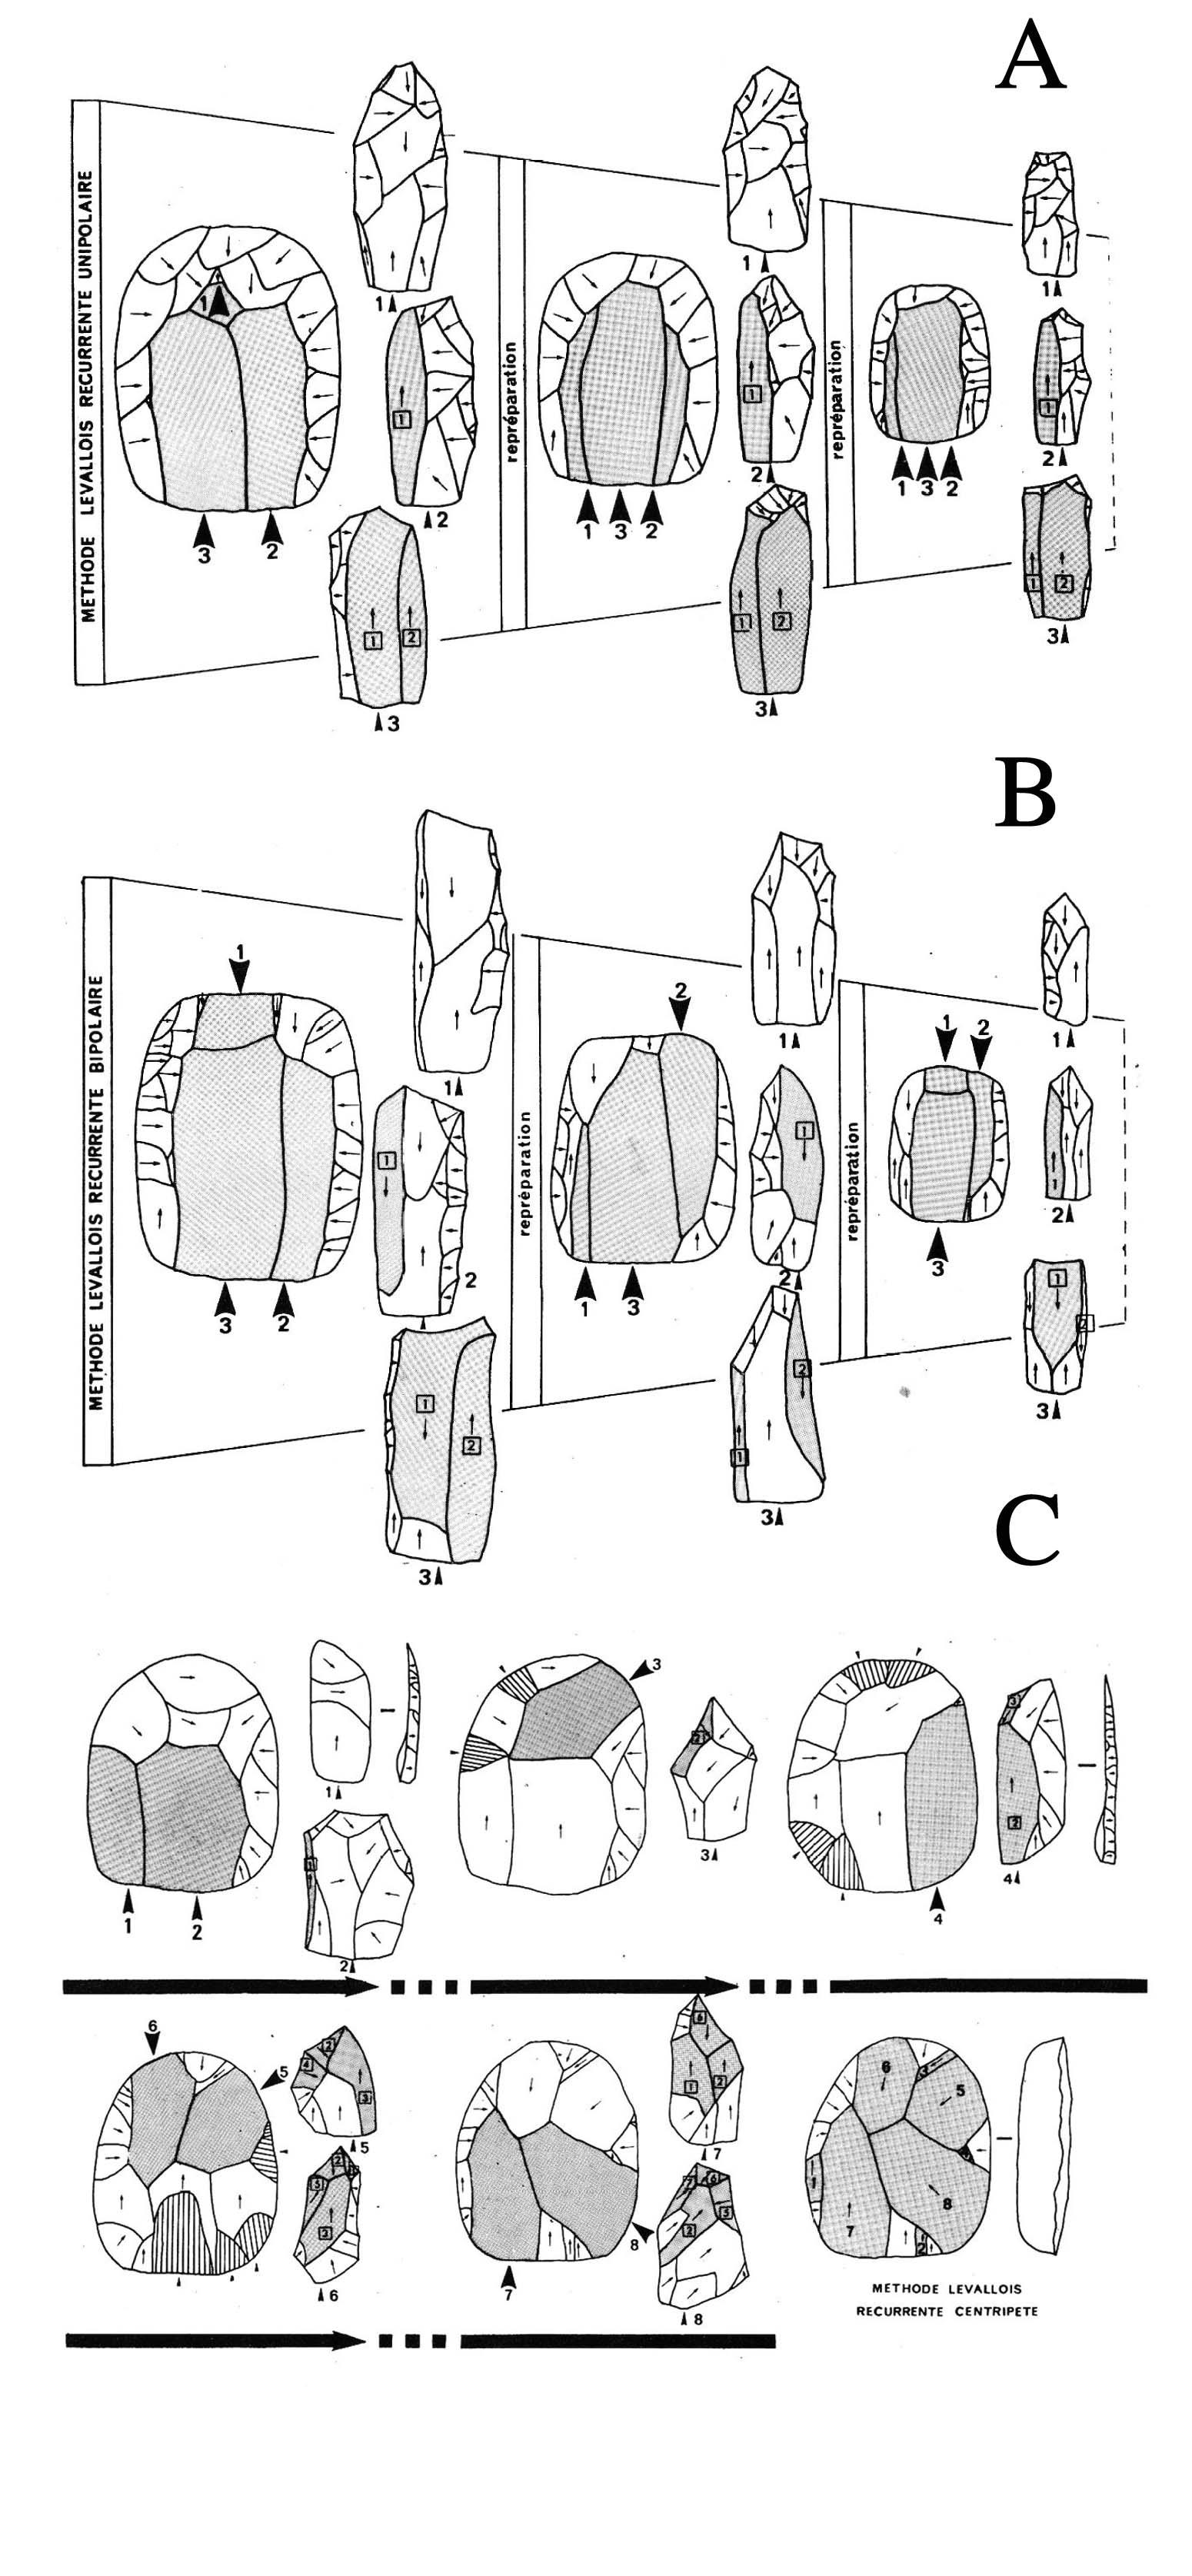 Figura 2: Esquema de trabajo de los métodos Levallois recurrentes unipolares, bipolares y recurrentes. Cada casilla marca una repreparación de la superficie de explotación del núcleo. Constatar que en el Levallois recurrente centrípeto, esta repreparación no existe per se, ya que la extracción de las lascas autoentretienen las convexidades. Las extracciones están numeradas (2).